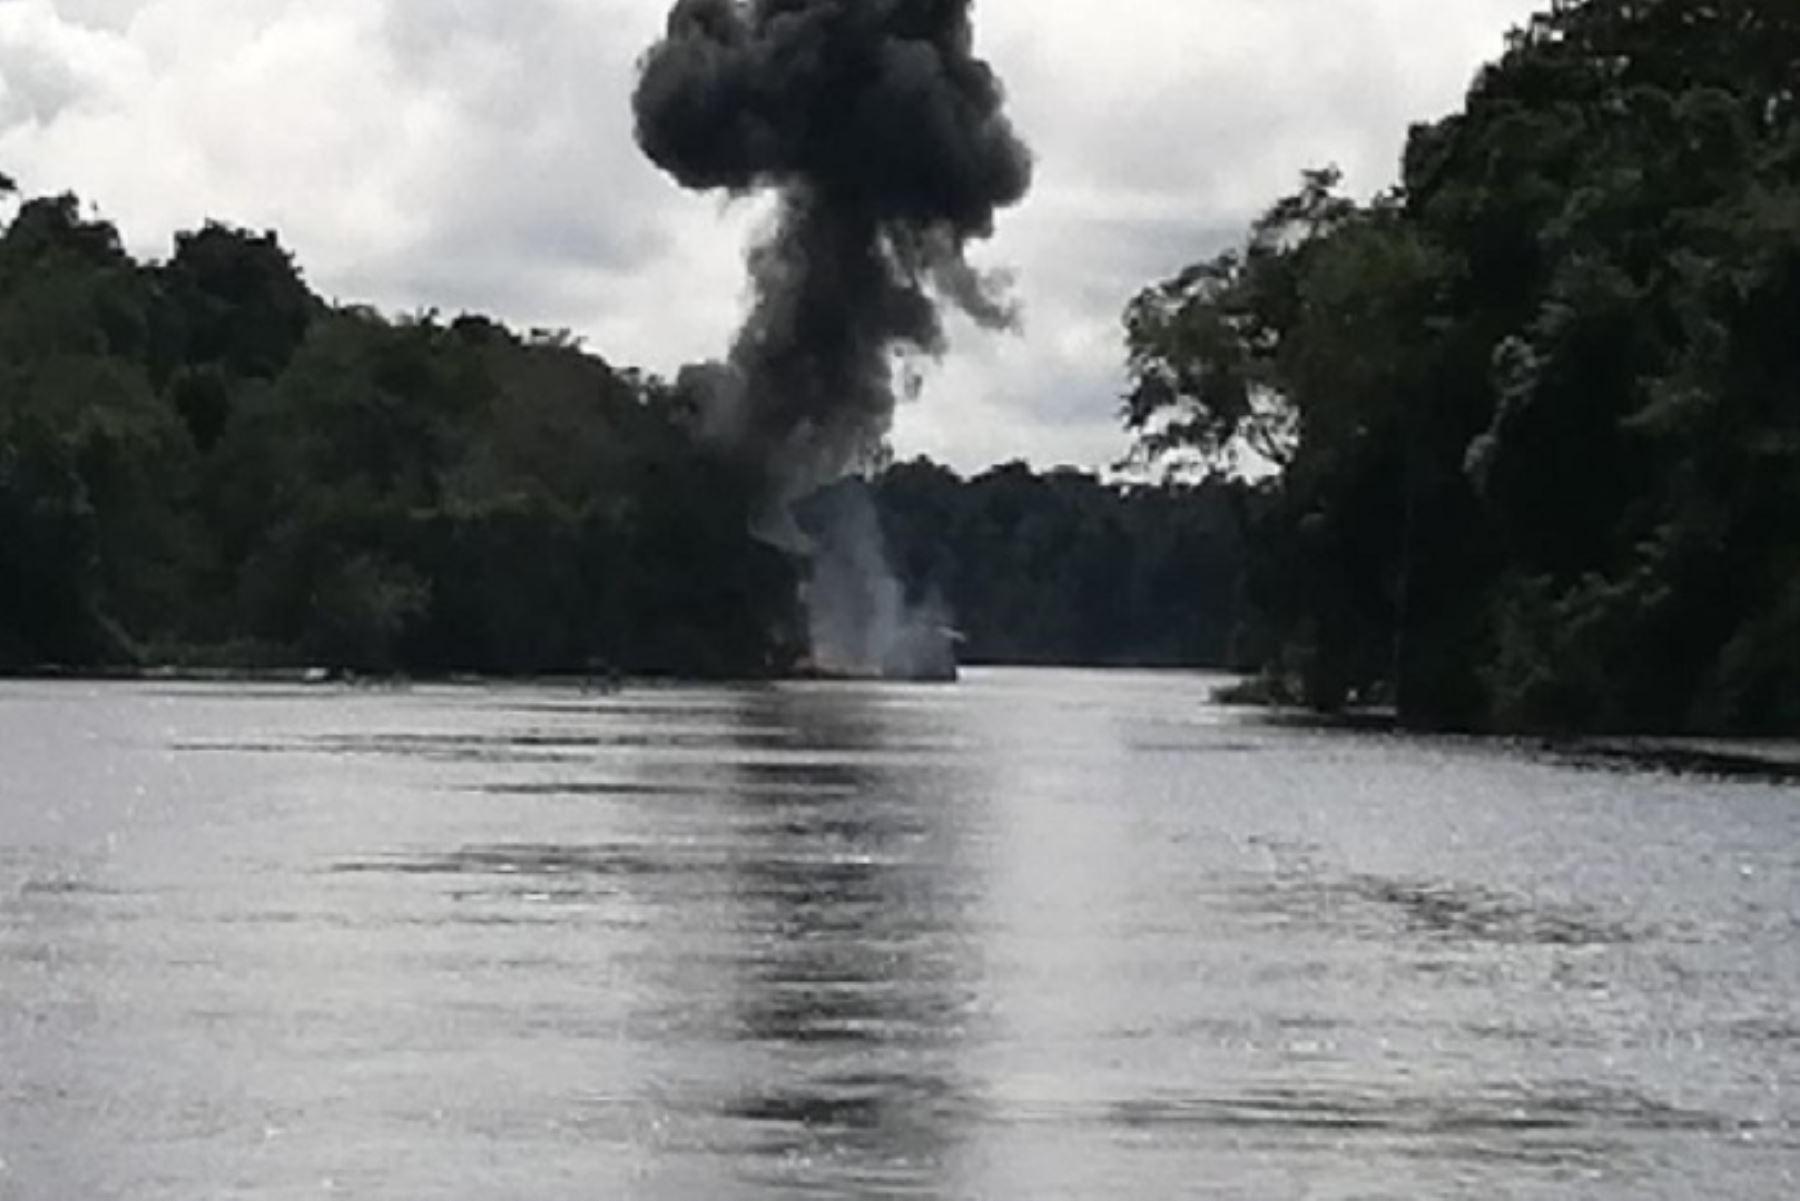 También se incautaron 540 galones de petróleo, radios de comunicación y otros equipos menores durante operación en la cuenca del río Nanay.